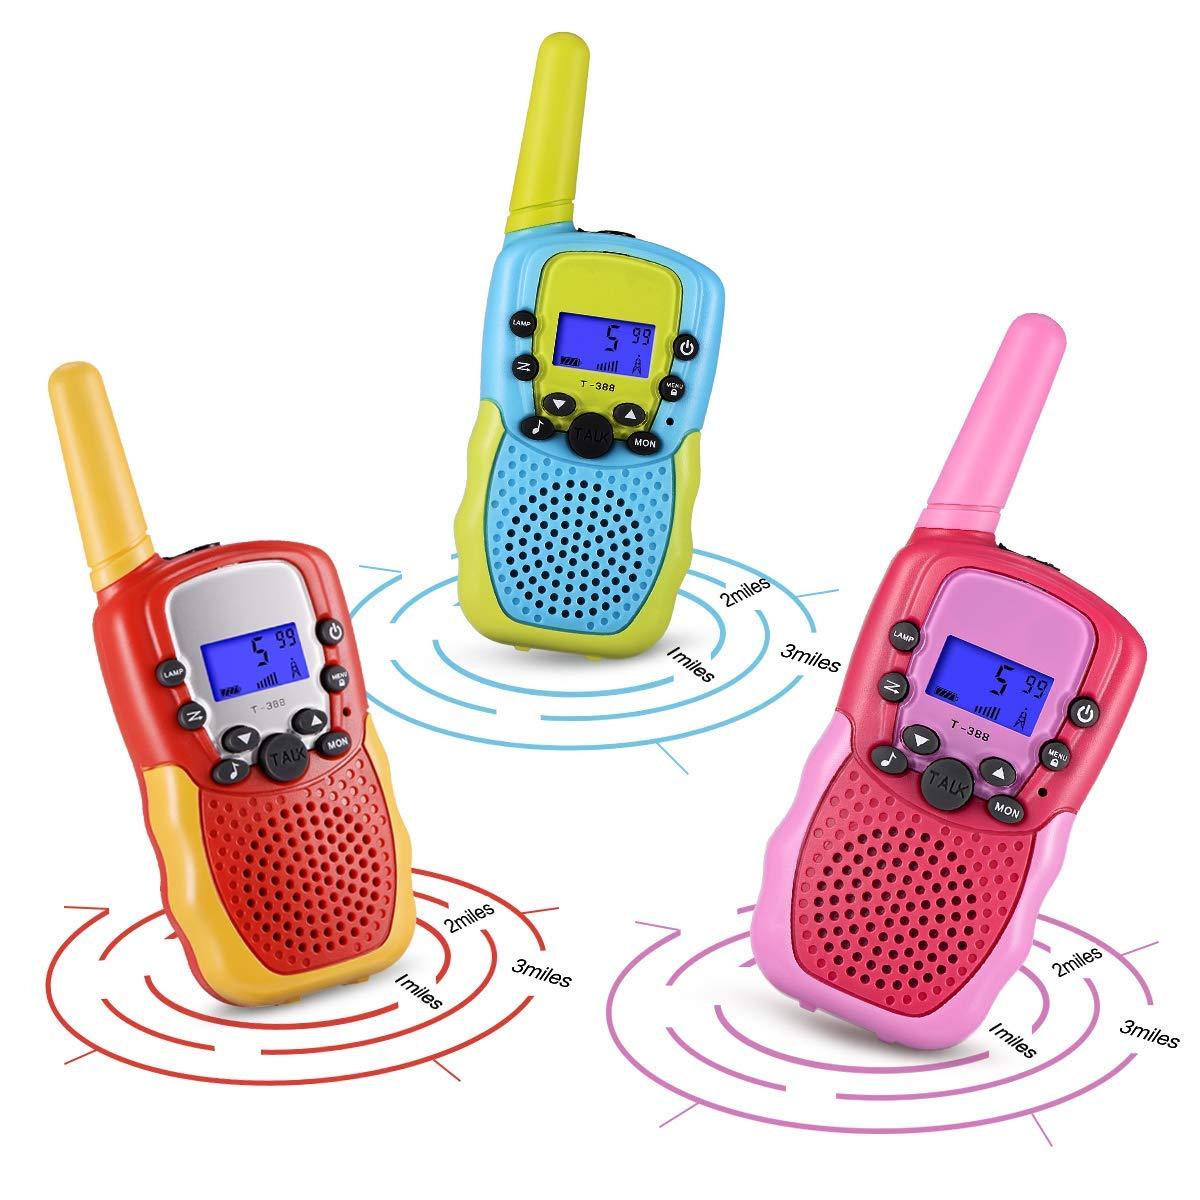 Walkies Talkies for Kids, Two Way Radios 4 Miles Handheld Mini Kids Walkie Talkies for Kids Toys by VERDUO (Image #2)